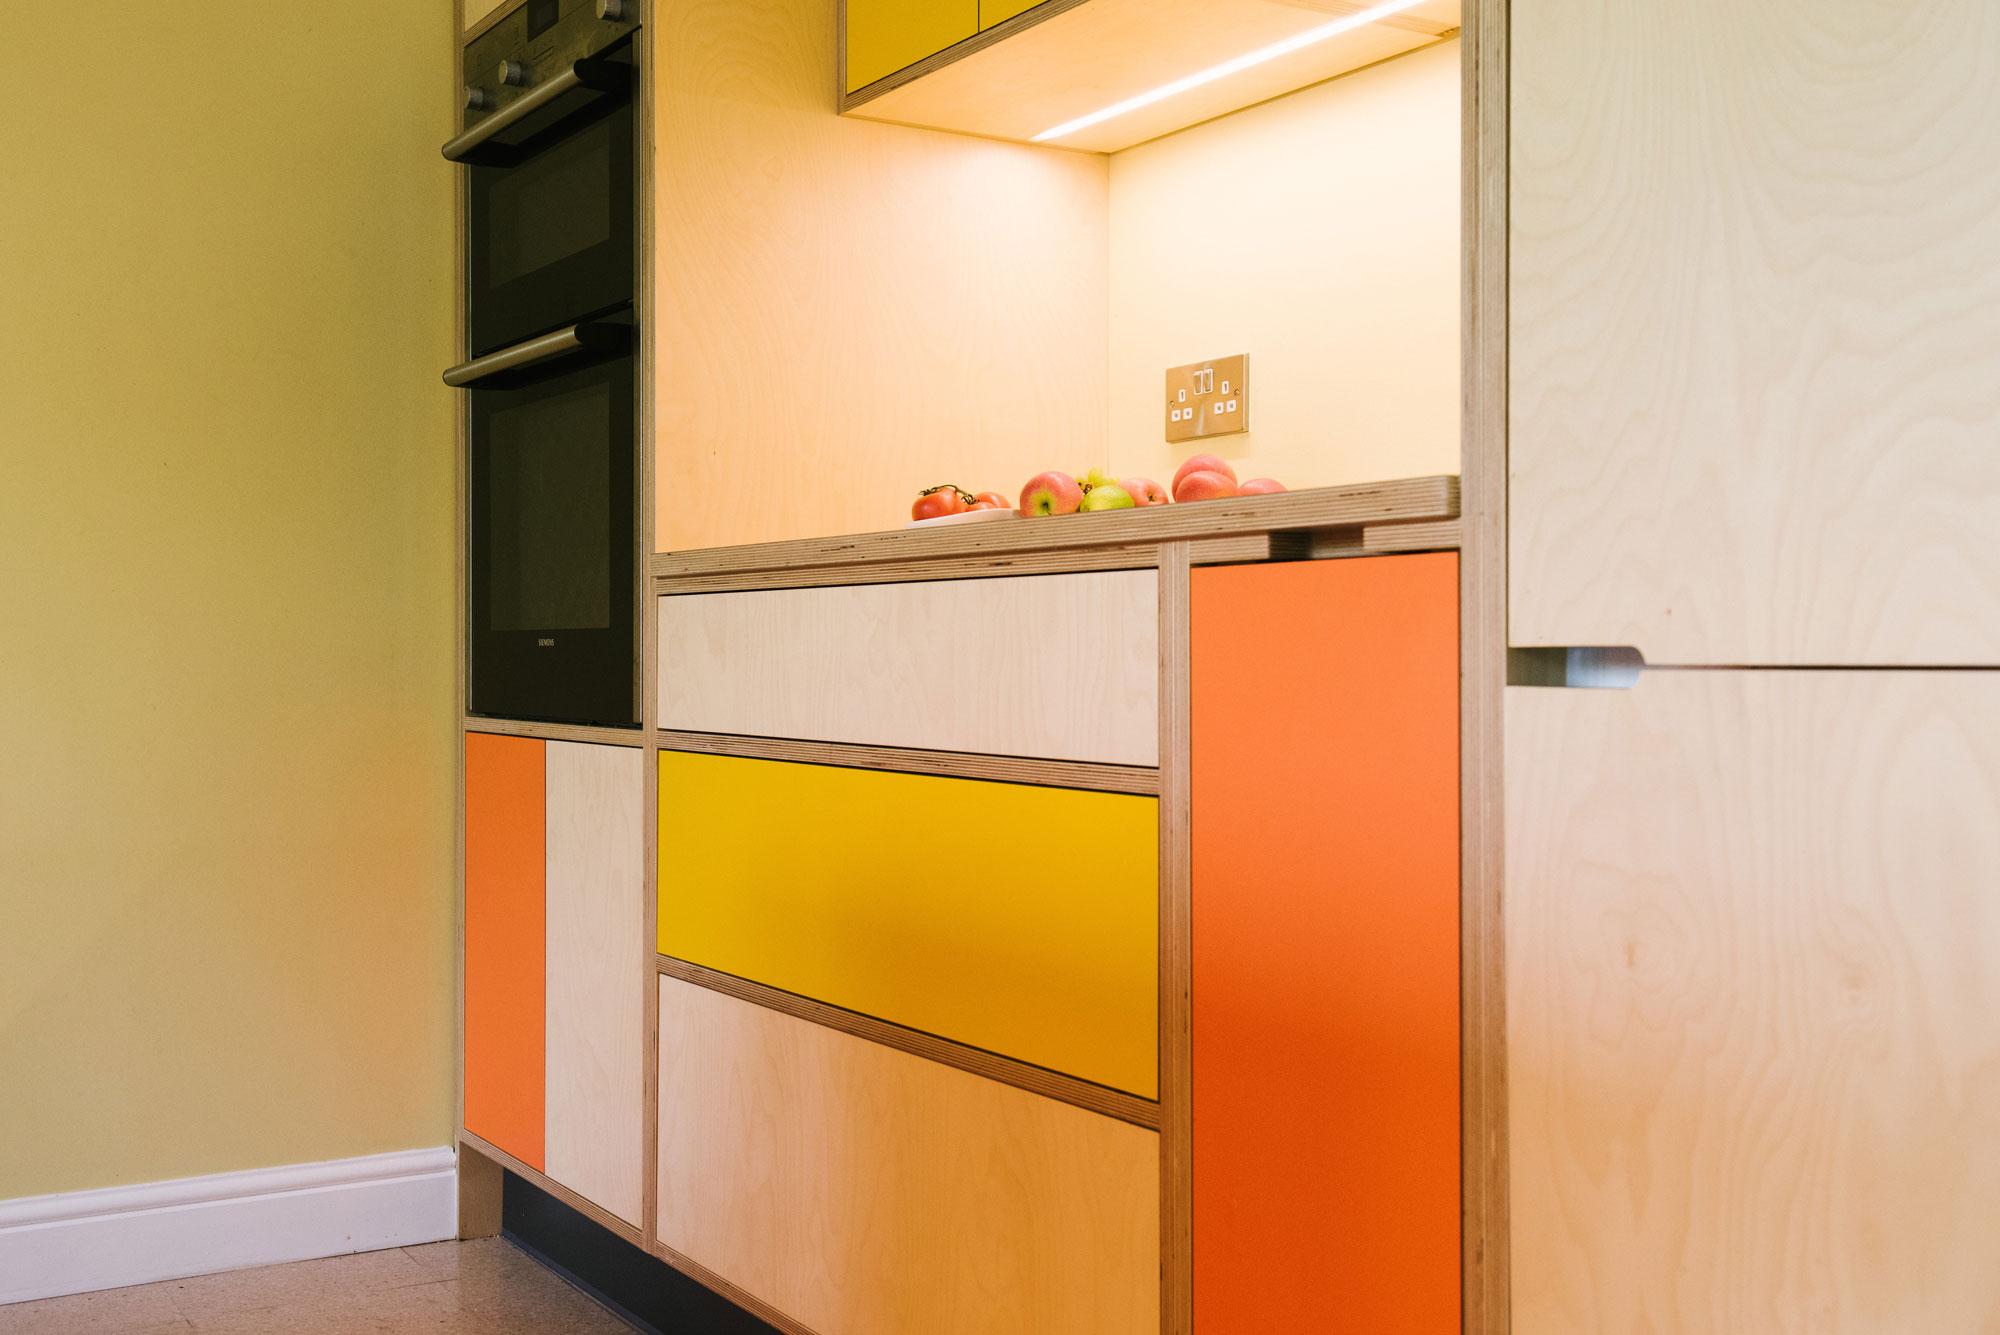 Handleless Doors Kitchen